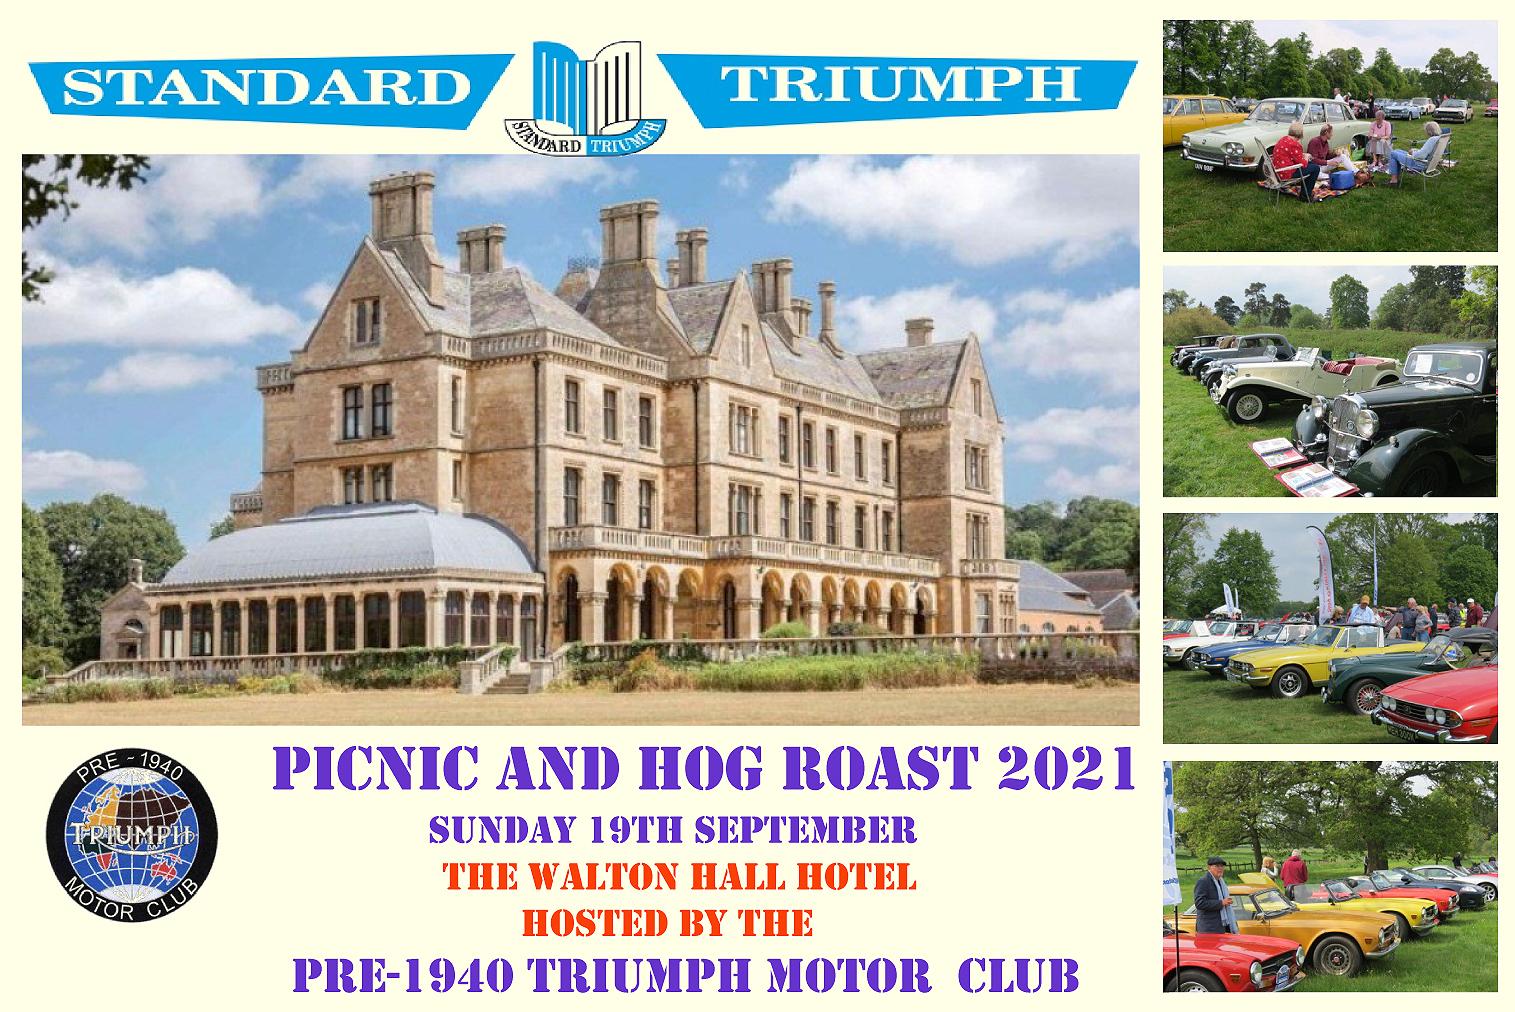 Standard Triumph Picnic 2021